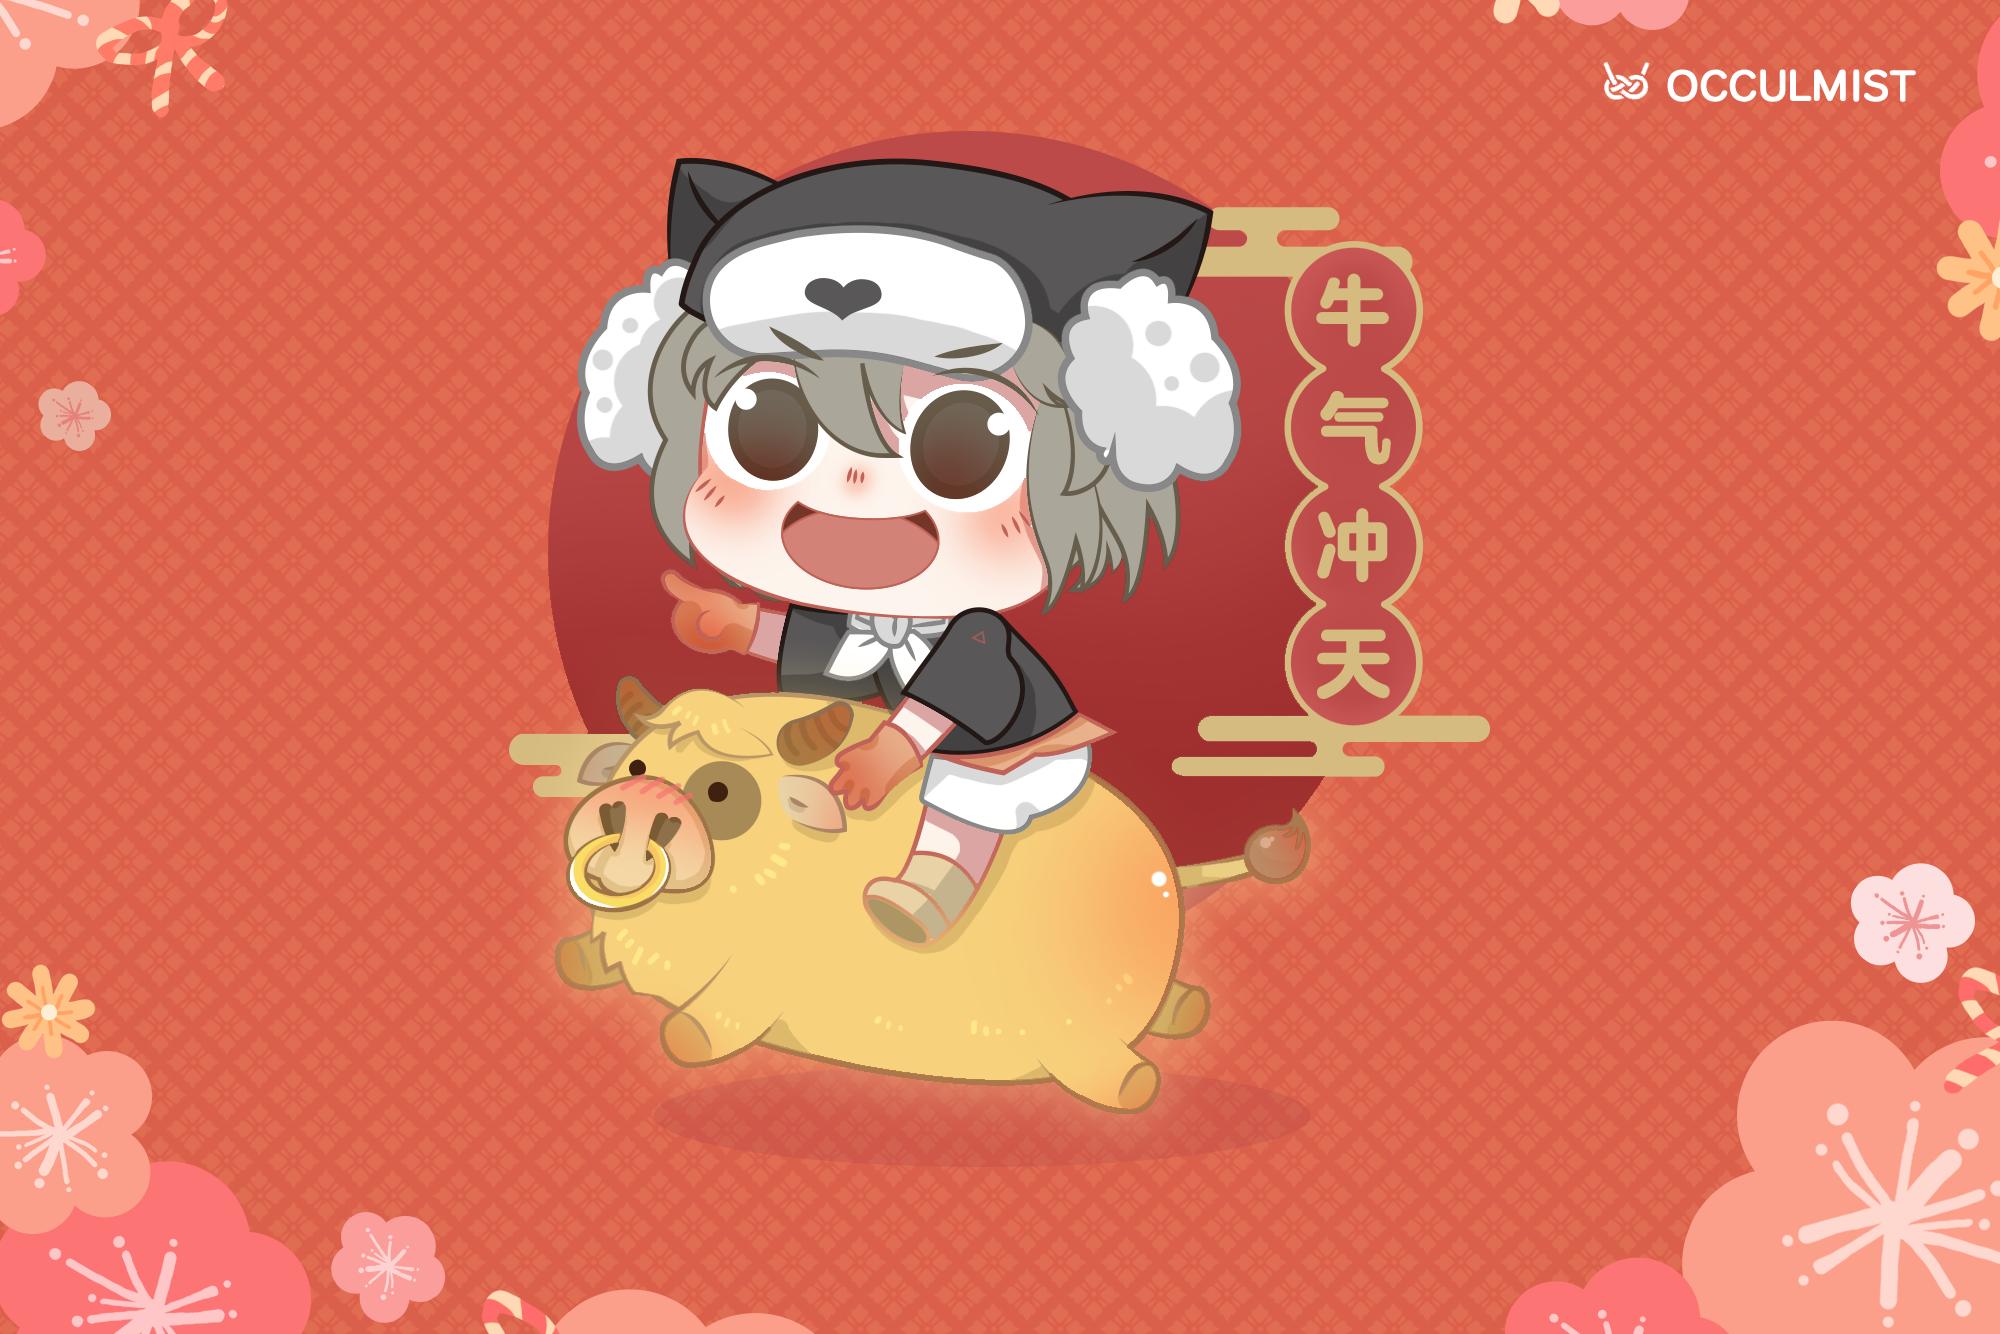 【节日贺图 | 牛气冲天】